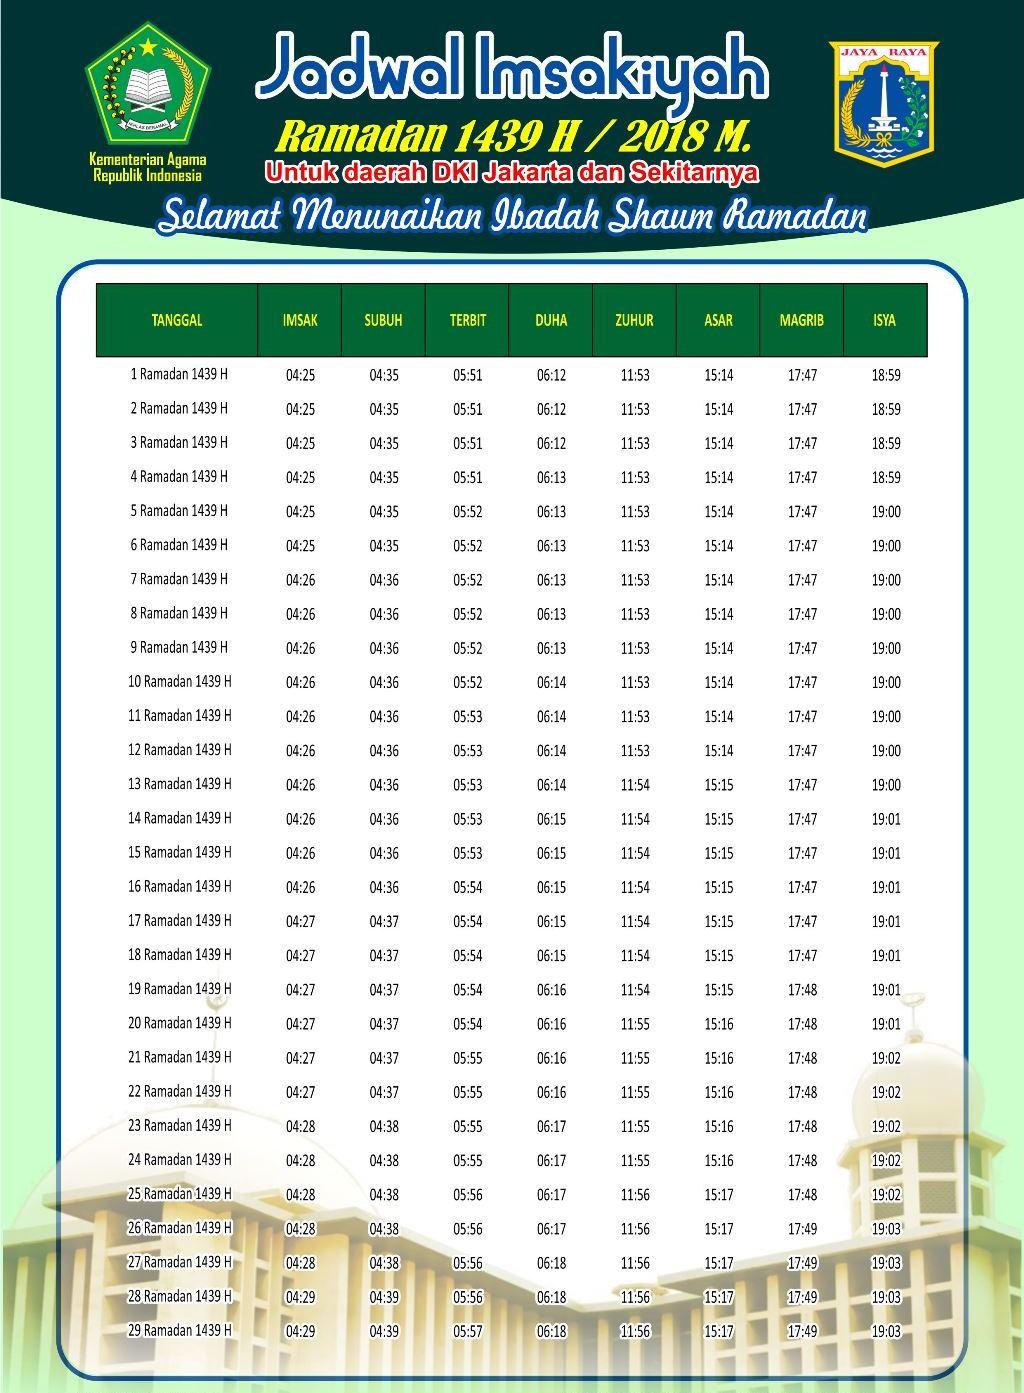 Jakarta pdf imsakiyah jadwal 2015